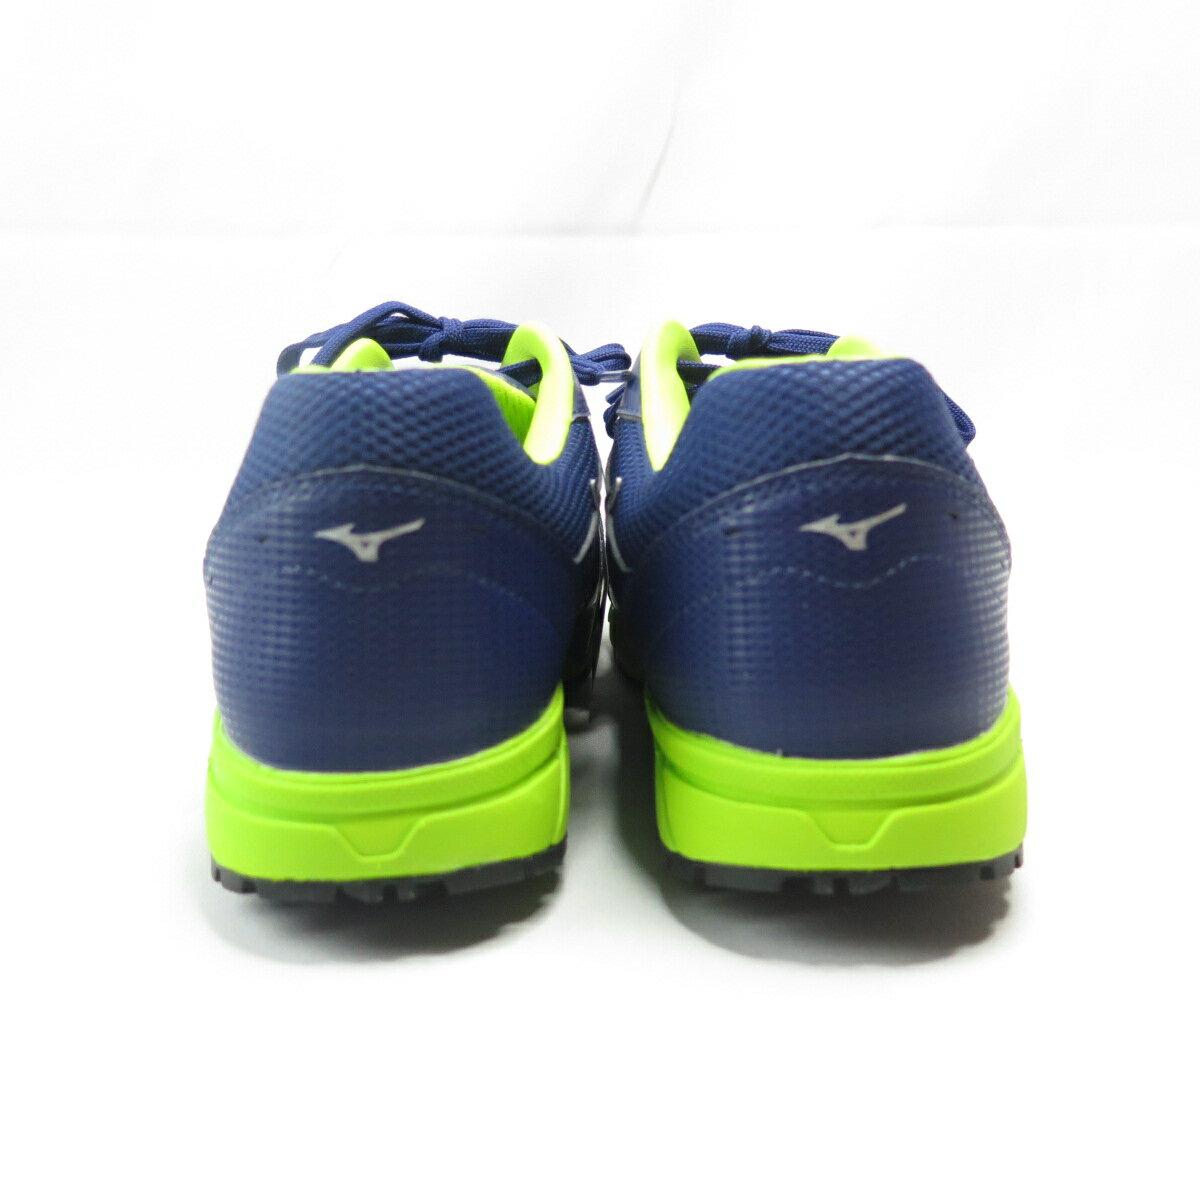 【滿額領券折$150】Mizuno LS防護鞋 男款 工作安全鞋 F1GA200814 藍綠【iSport愛運動】